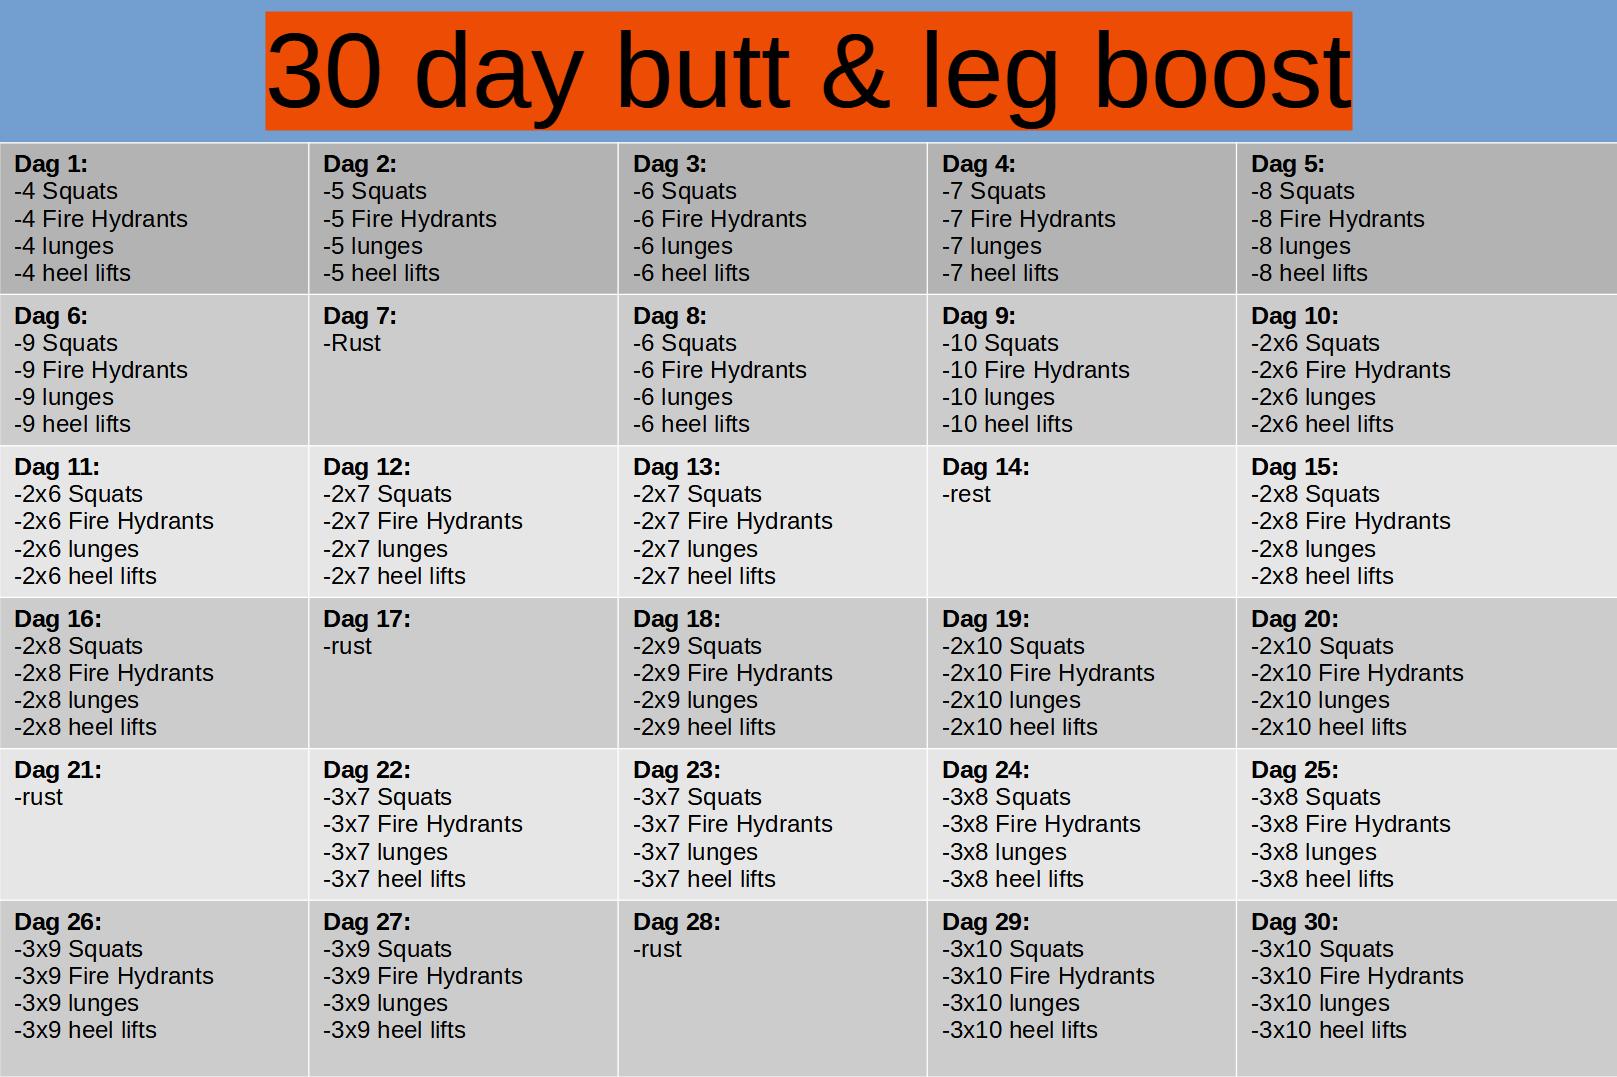 30 day butt & leg boost challenge schema